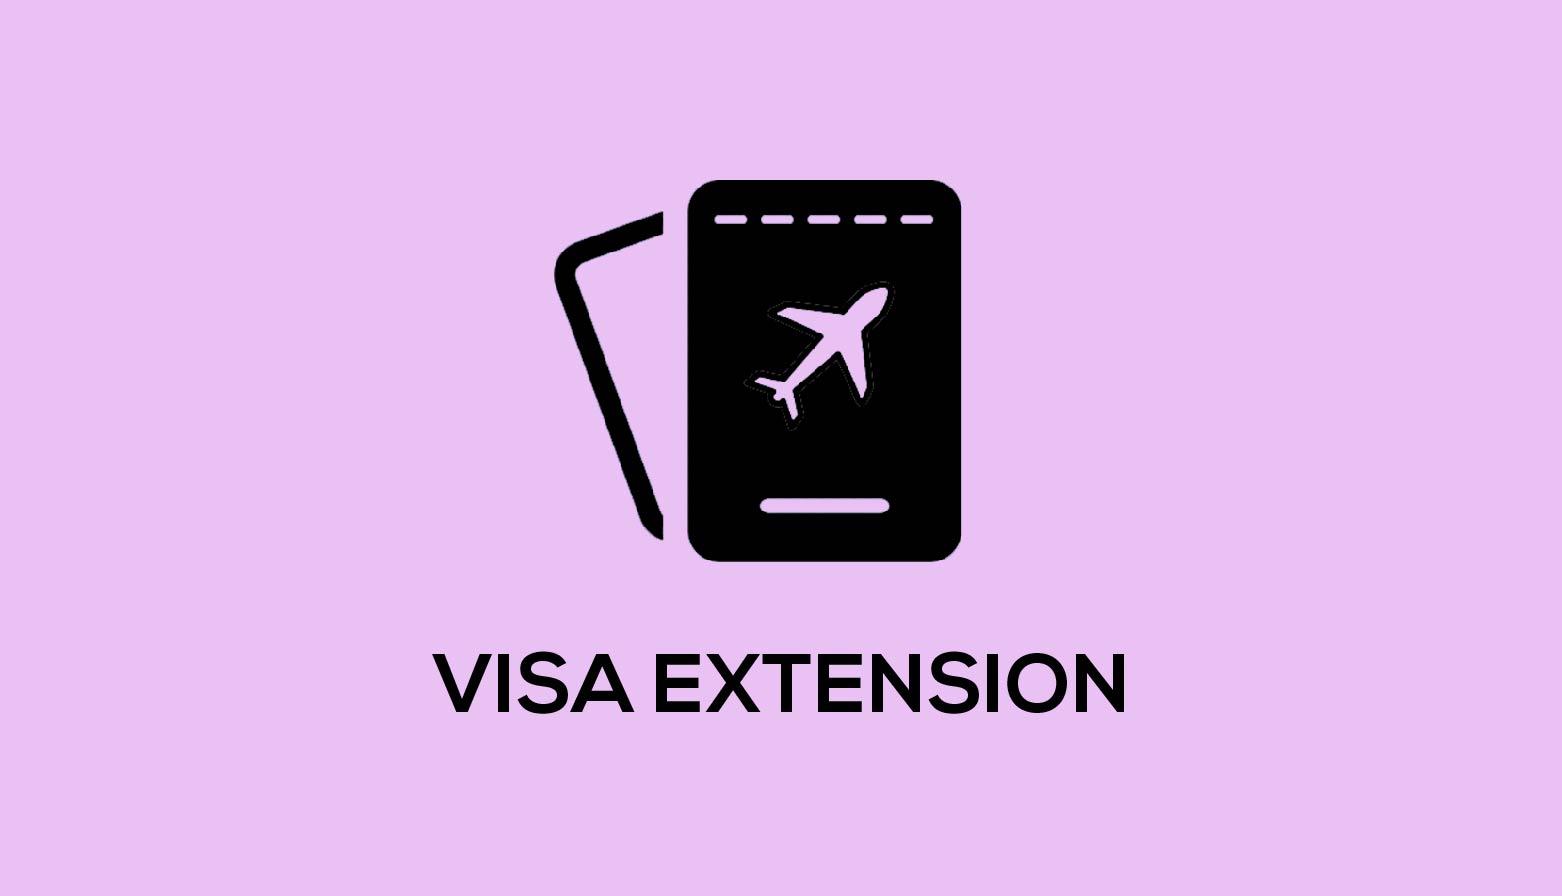 Visa Extension